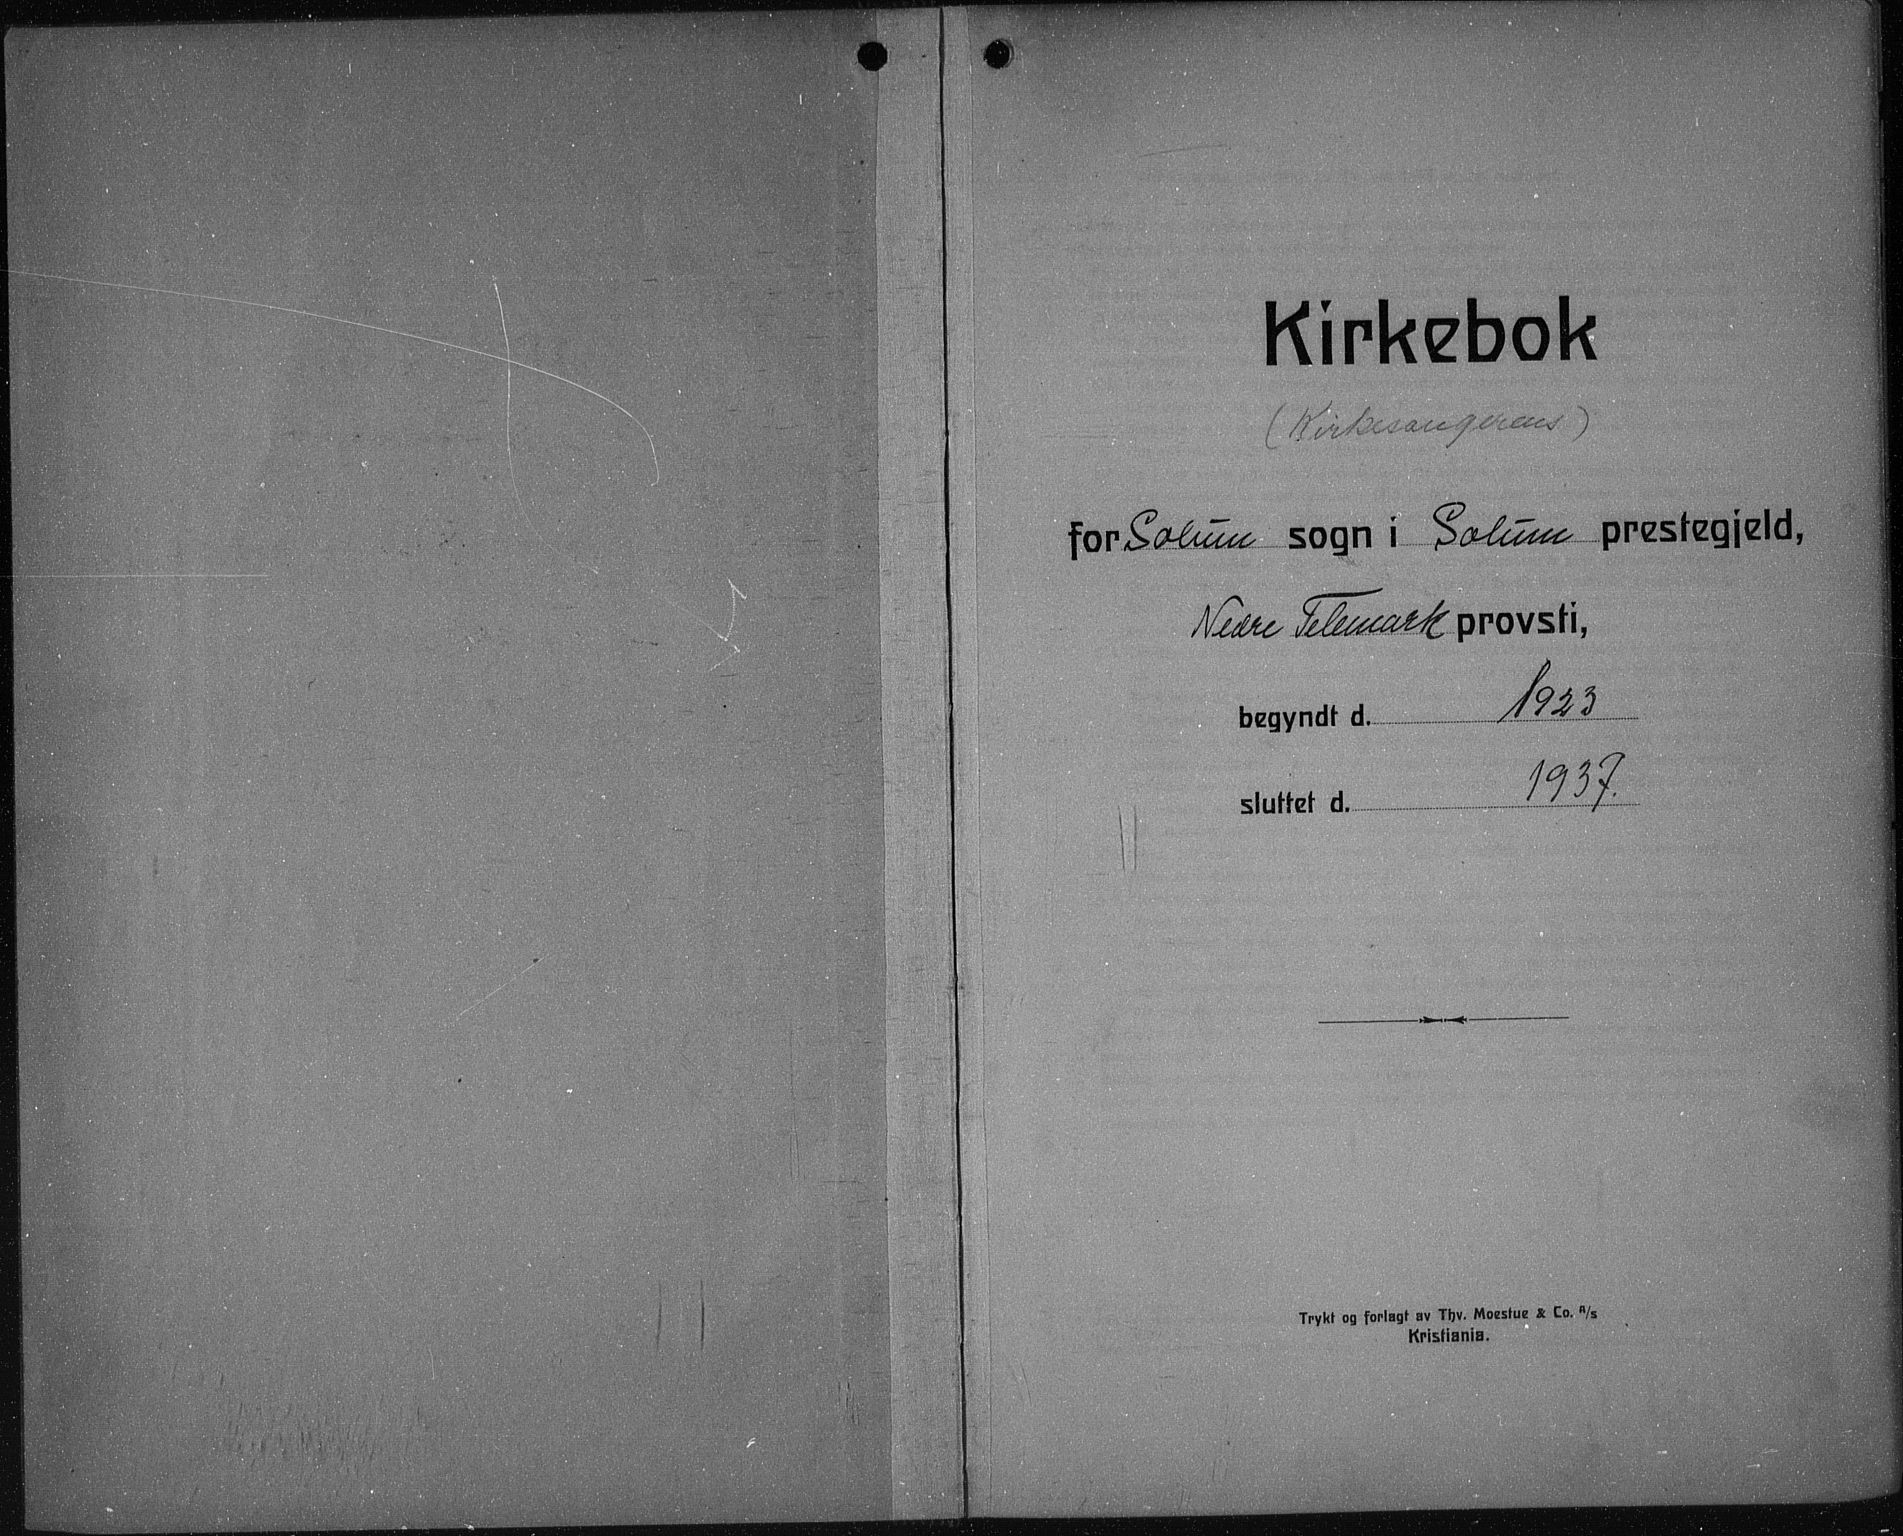 SAKO, Solum kirkebøker, G/Ga/L0010: Klokkerbok nr. I 10, 1921-1937